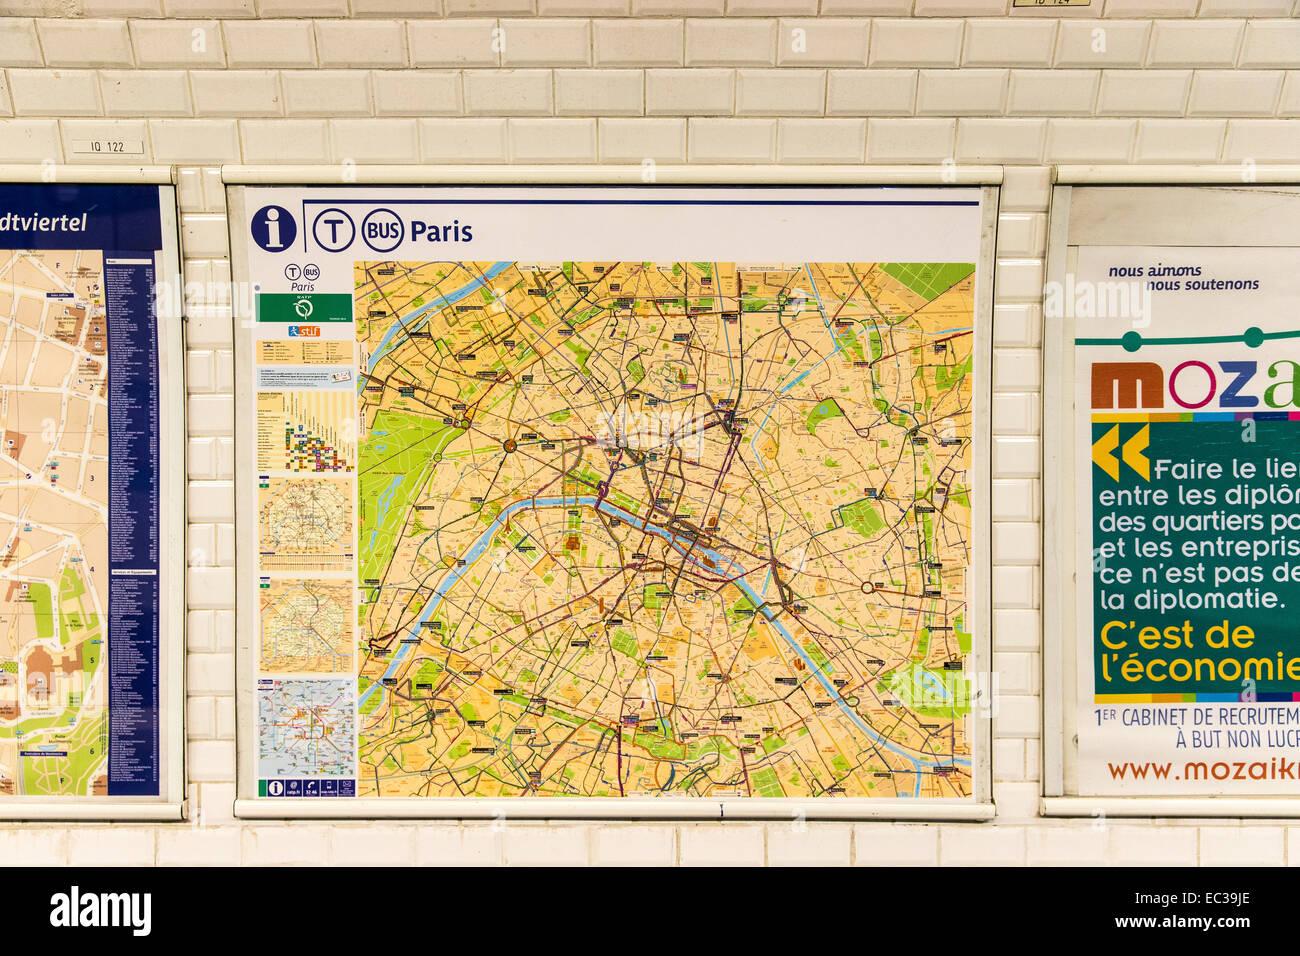 Bus Train Transport Map Paris France Stock Photo Alamy - Bus map paris france